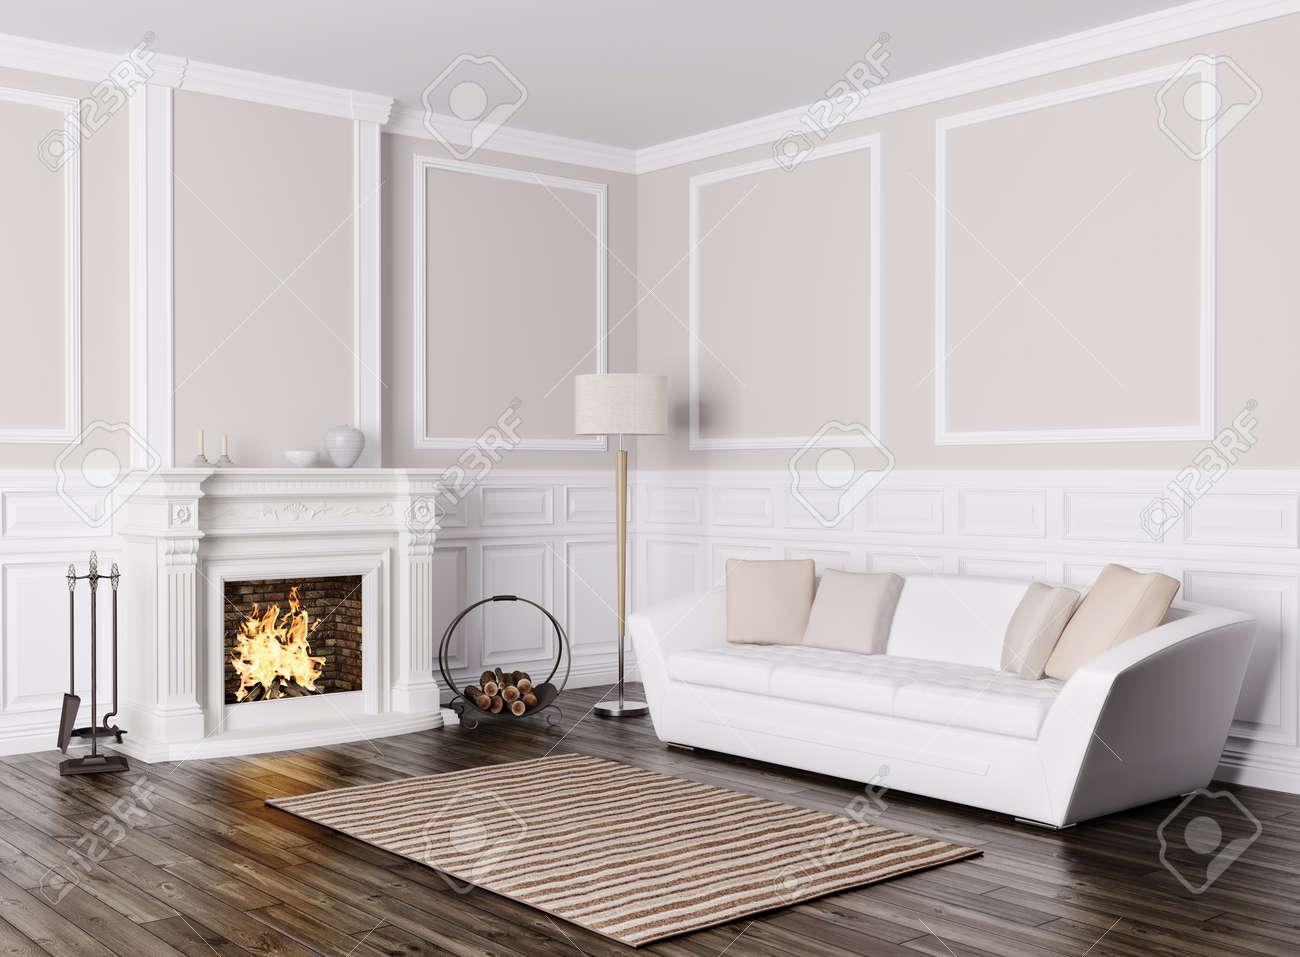 Diseño Interior Clásico De La Sala De Estar Con Sofá Blanco Y ...